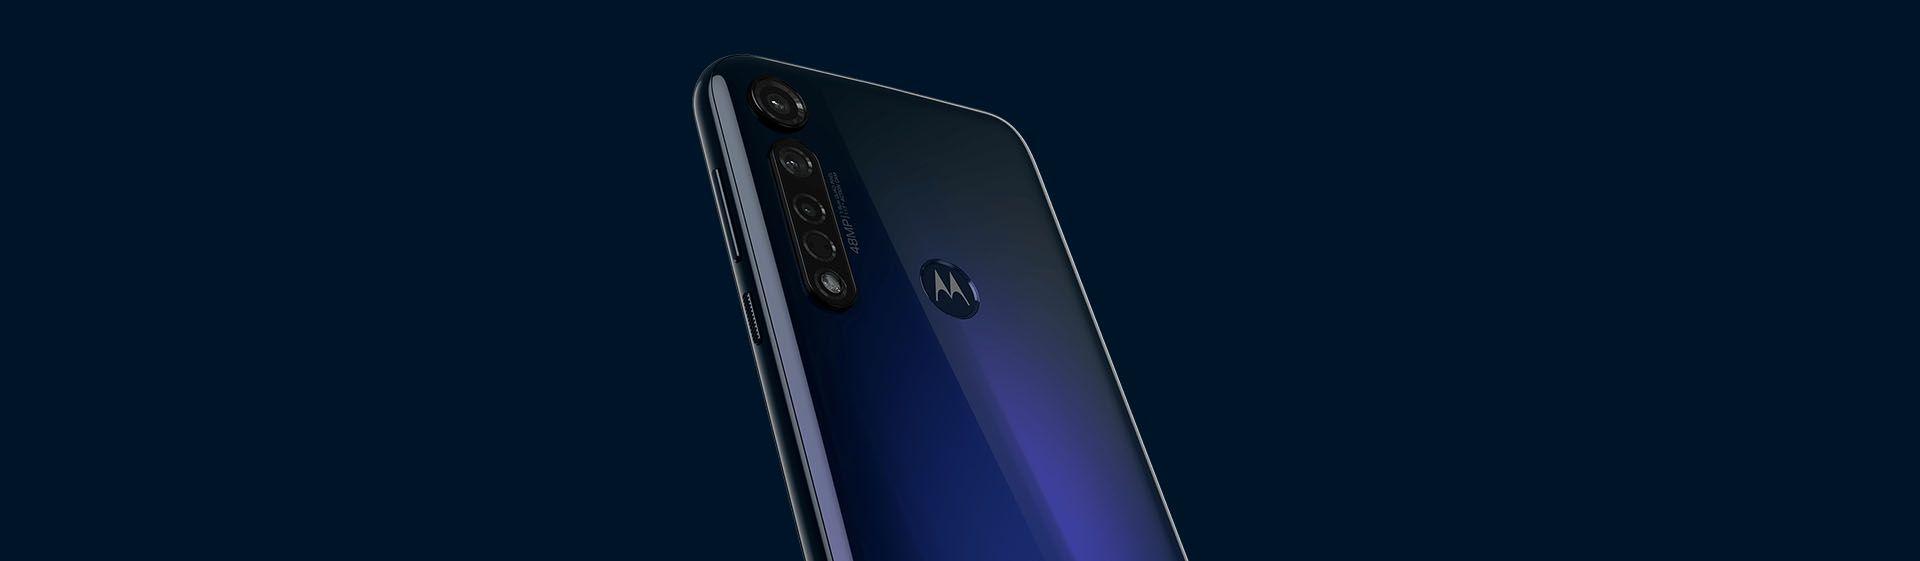 Moto G8 Plus: veja a ficha técnica completa do celular